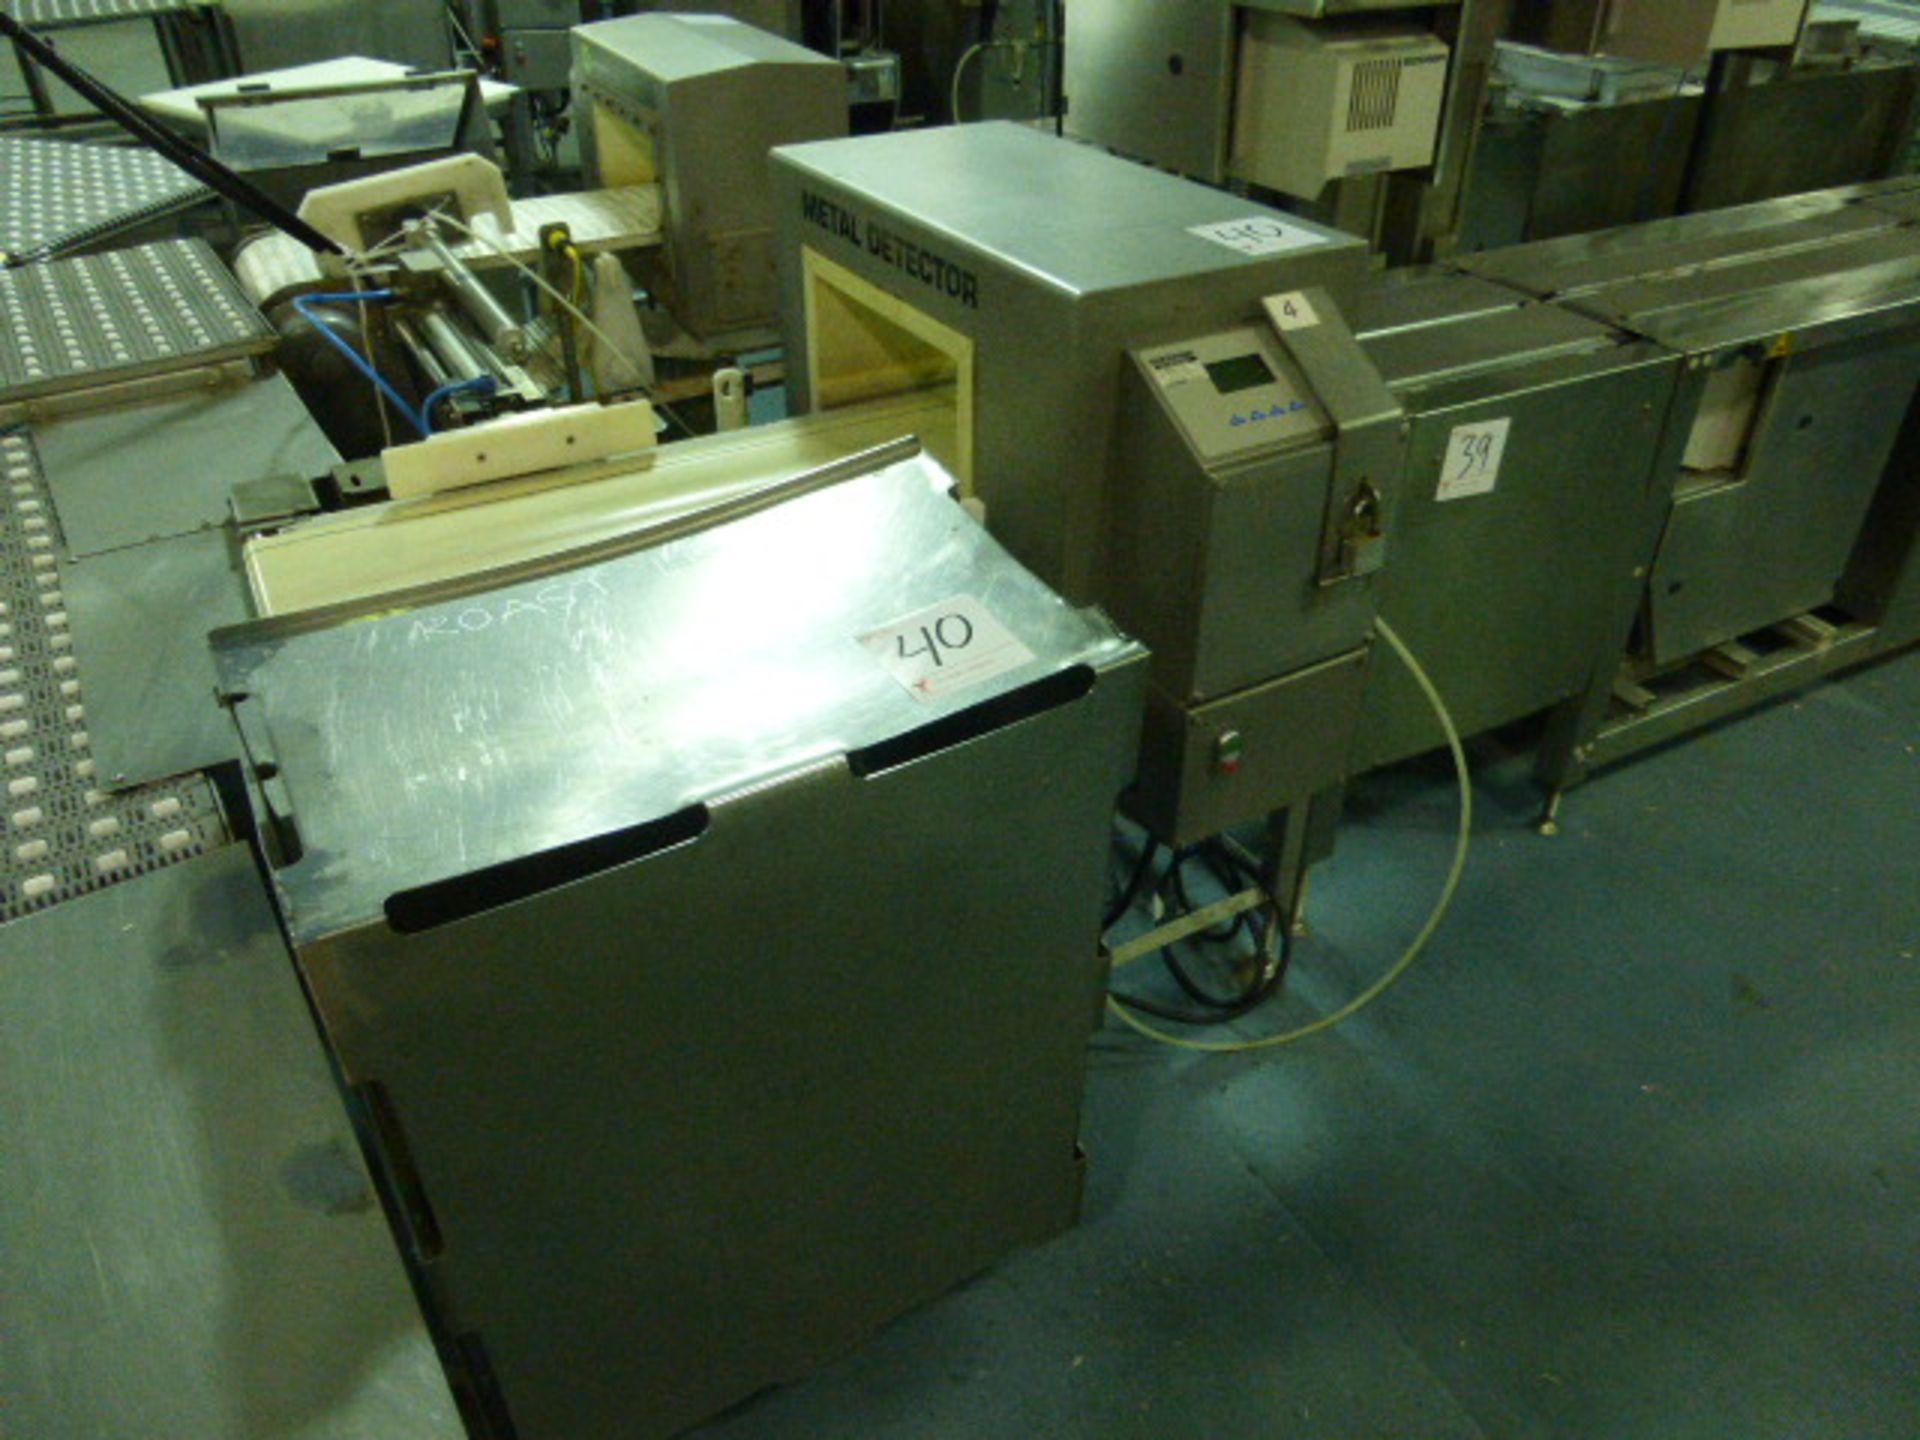 Lot 40 - Bizerba metal detector, model GLS350, s/n 2011-01-192, 13.75 in. x 7.75 in. aperture